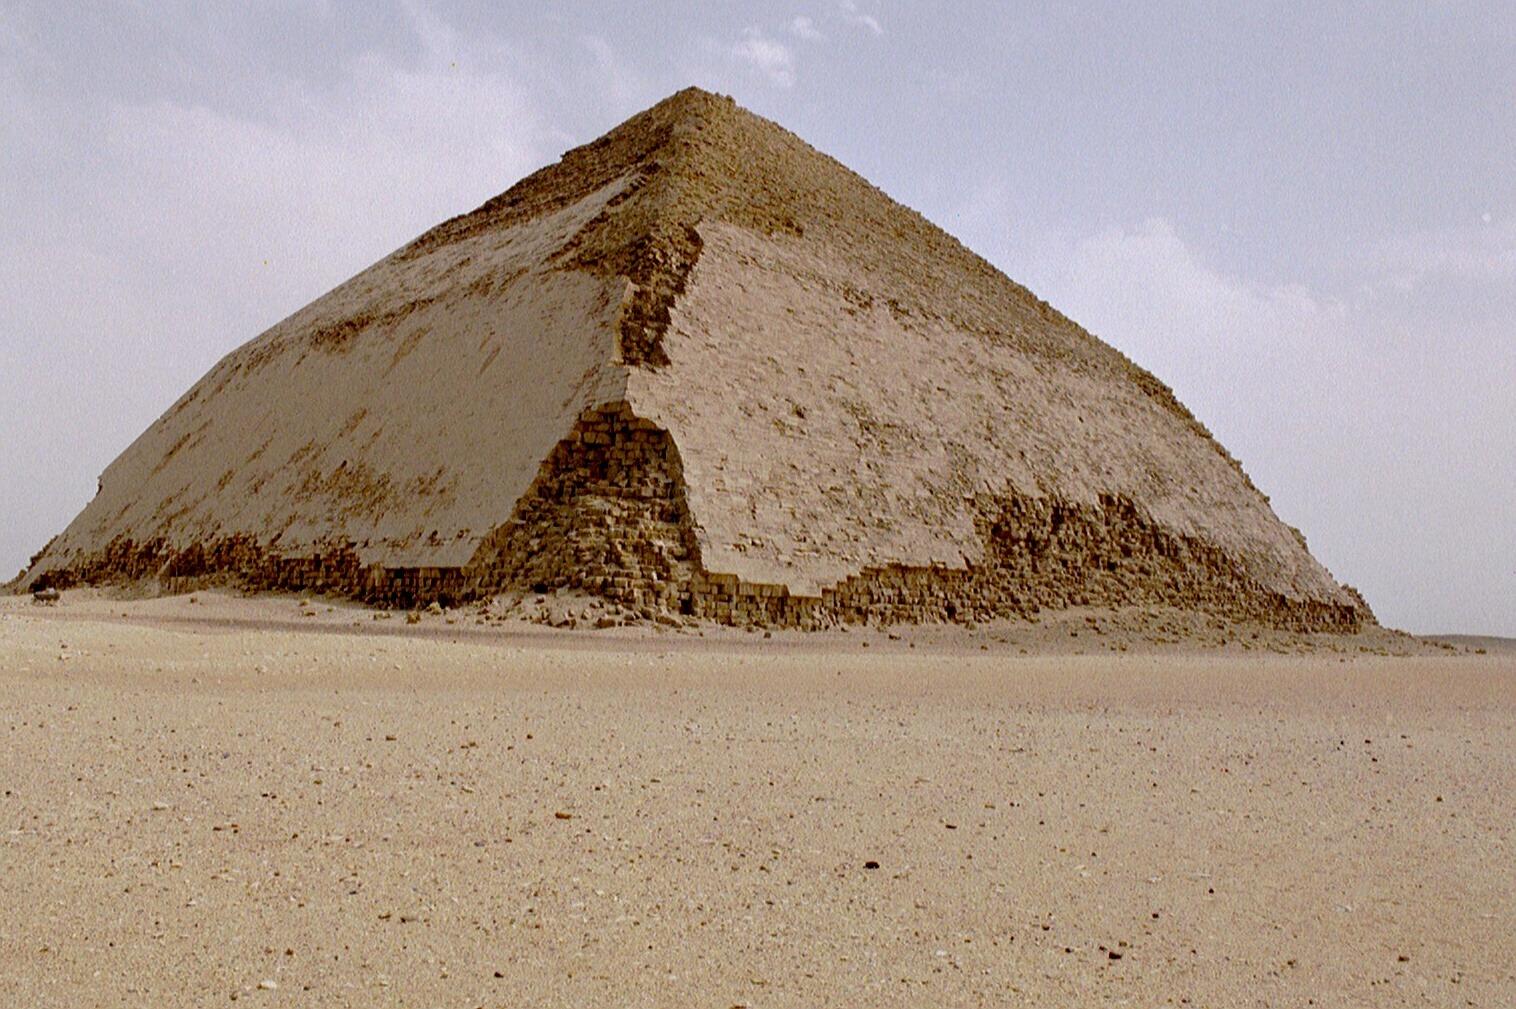 На юго-востоке Турции археологи нашли 11 рукотворных холмов старше пирамид